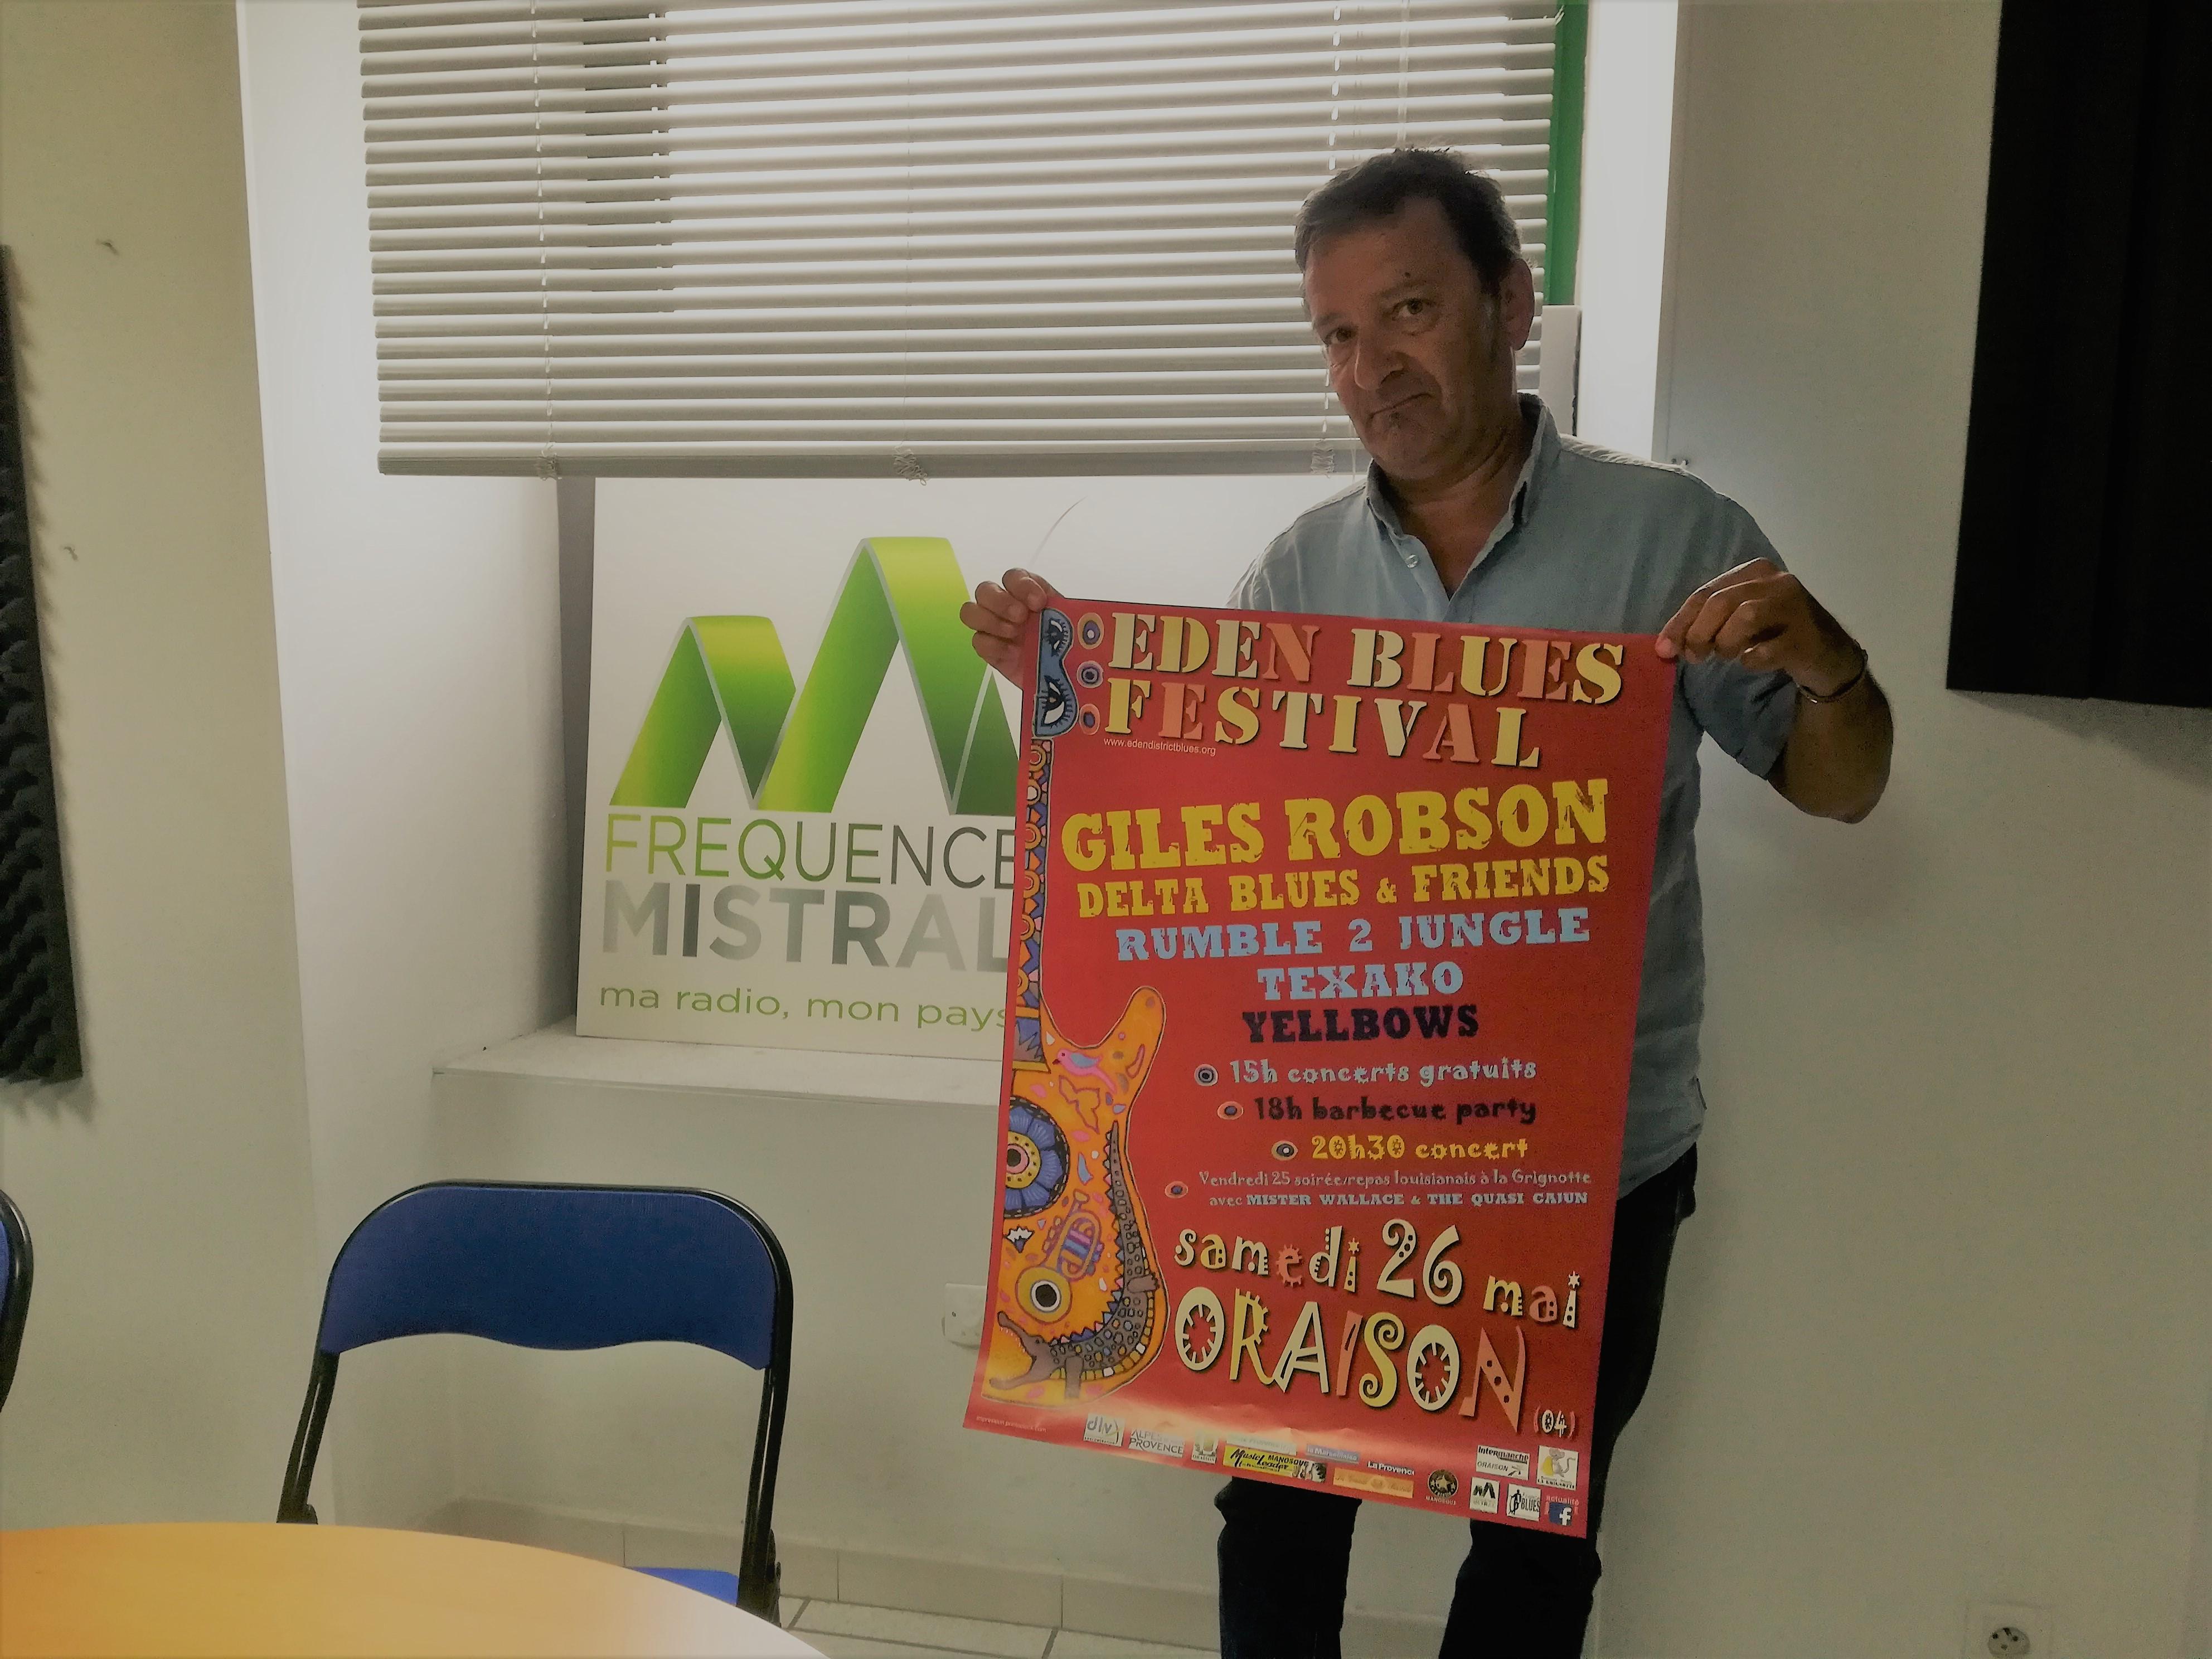 Ce week-end Oraison fait son Eden Blues Festival